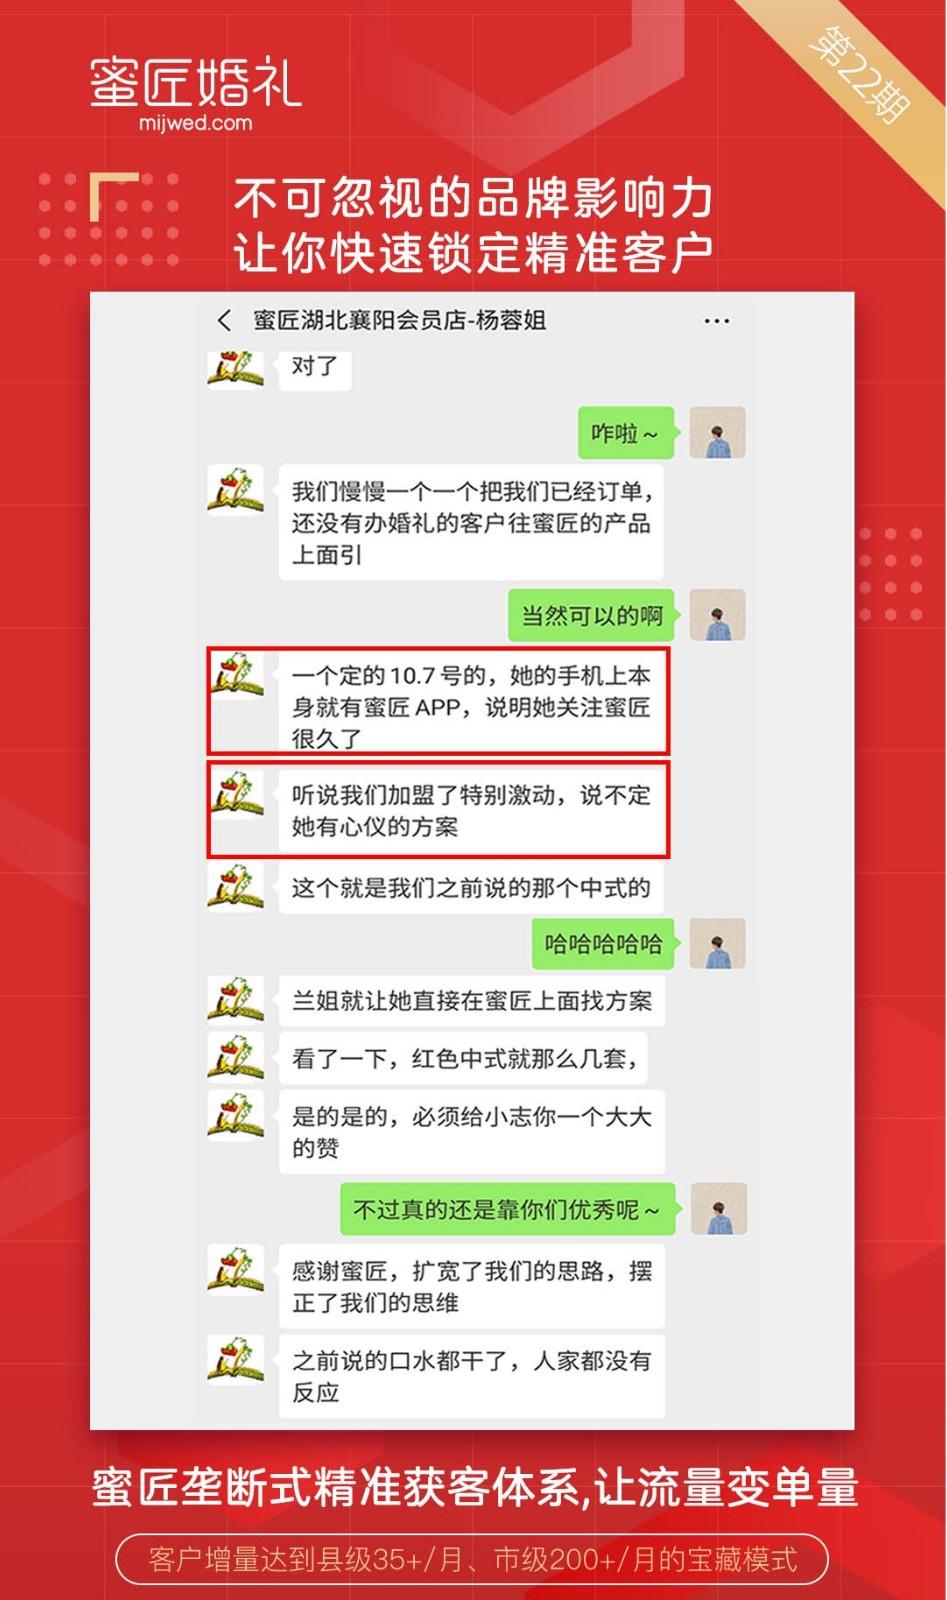 中式婚庆策划加盟怎么找